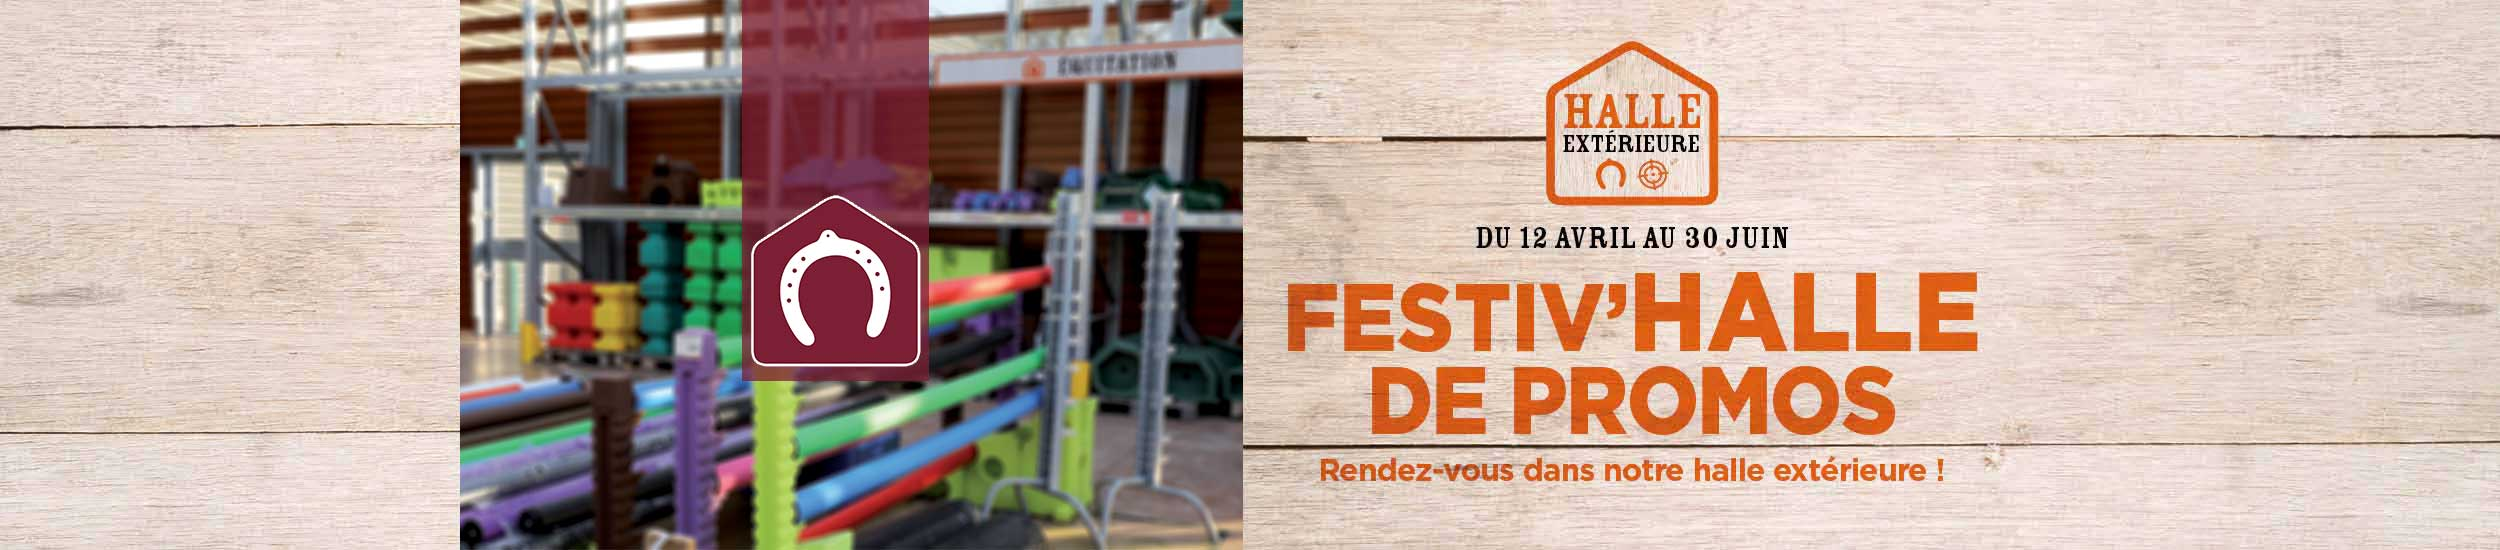 FESTIV'HALLE DE PROMOS CAVALIERS